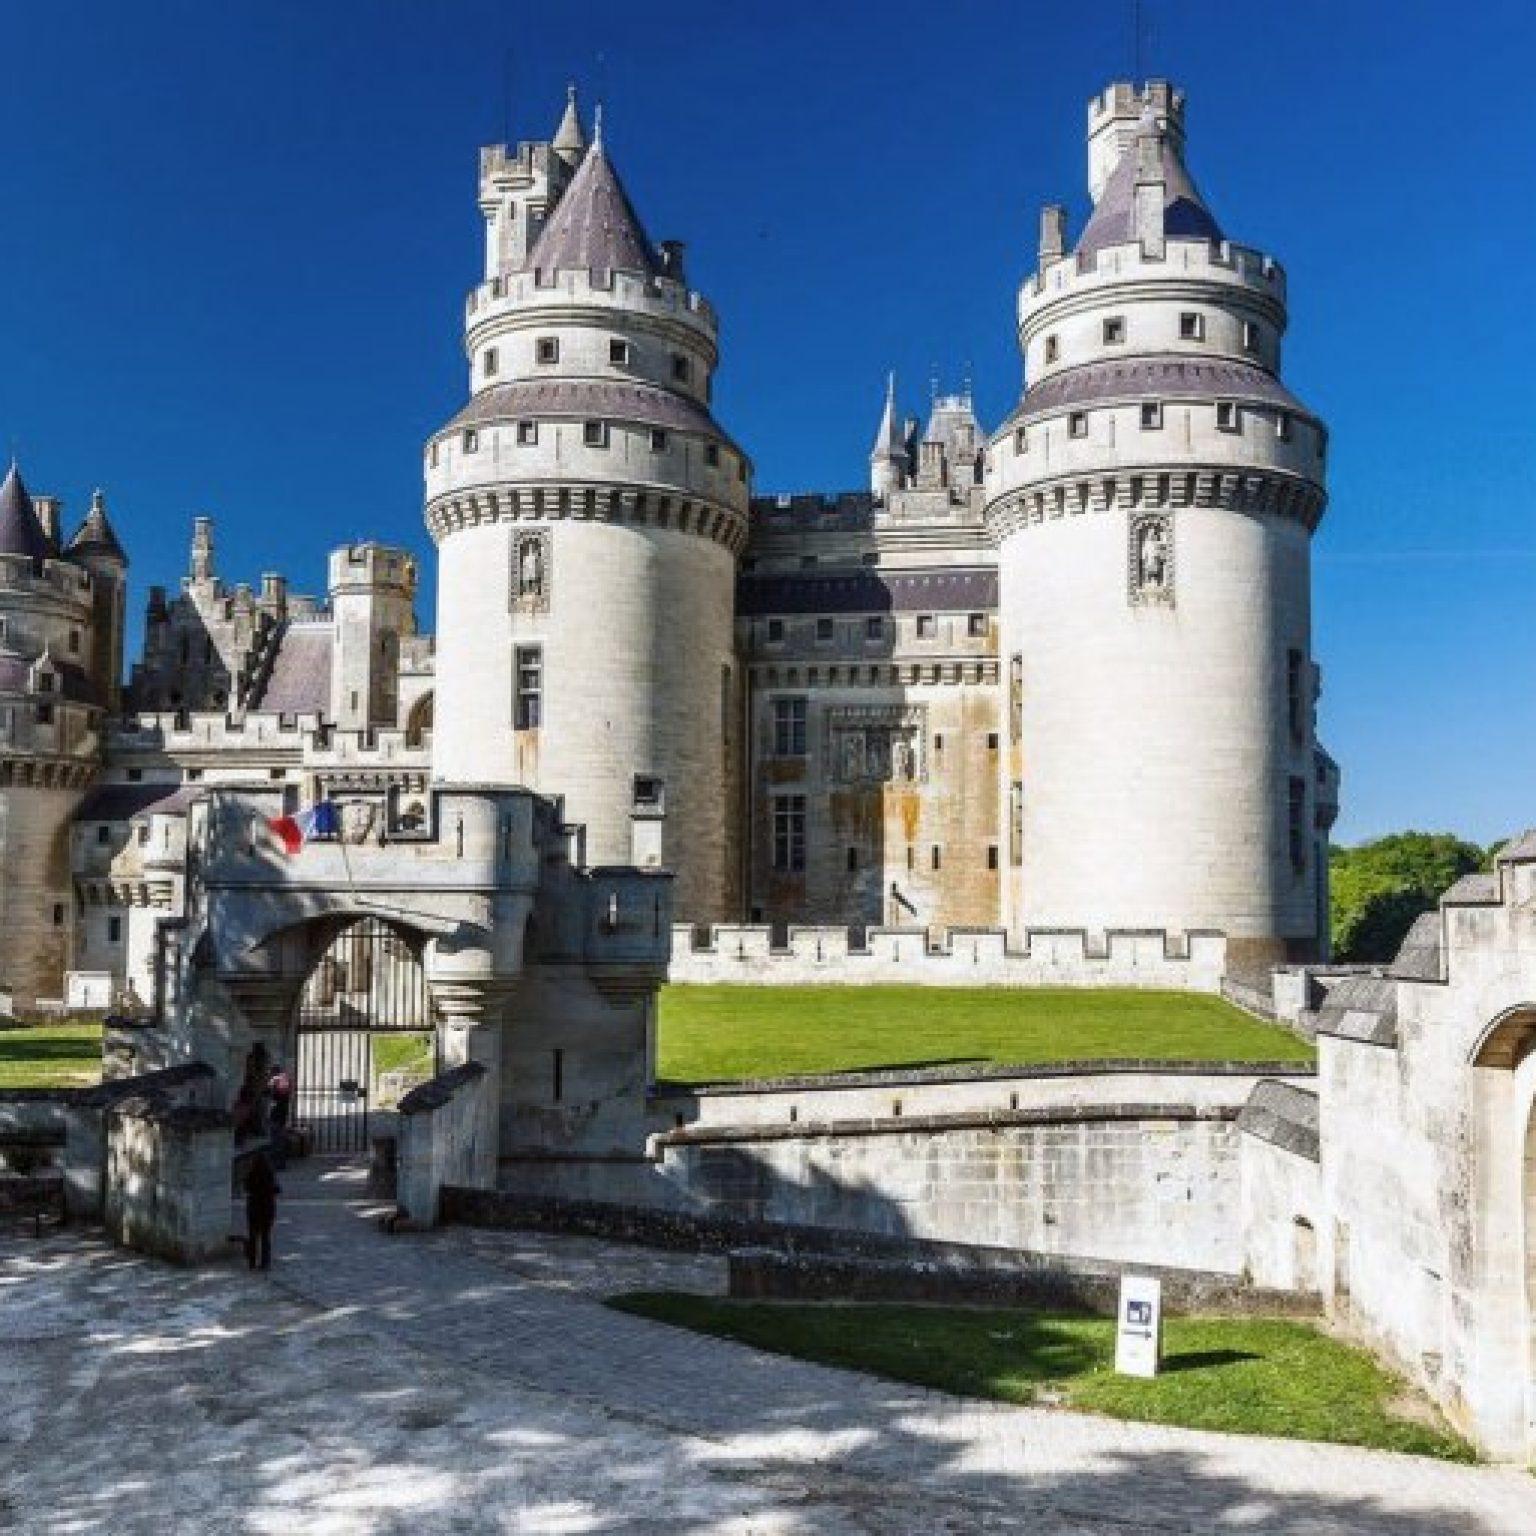 Что посмотреть в окрестностях Парижа: Замок Пьерфон